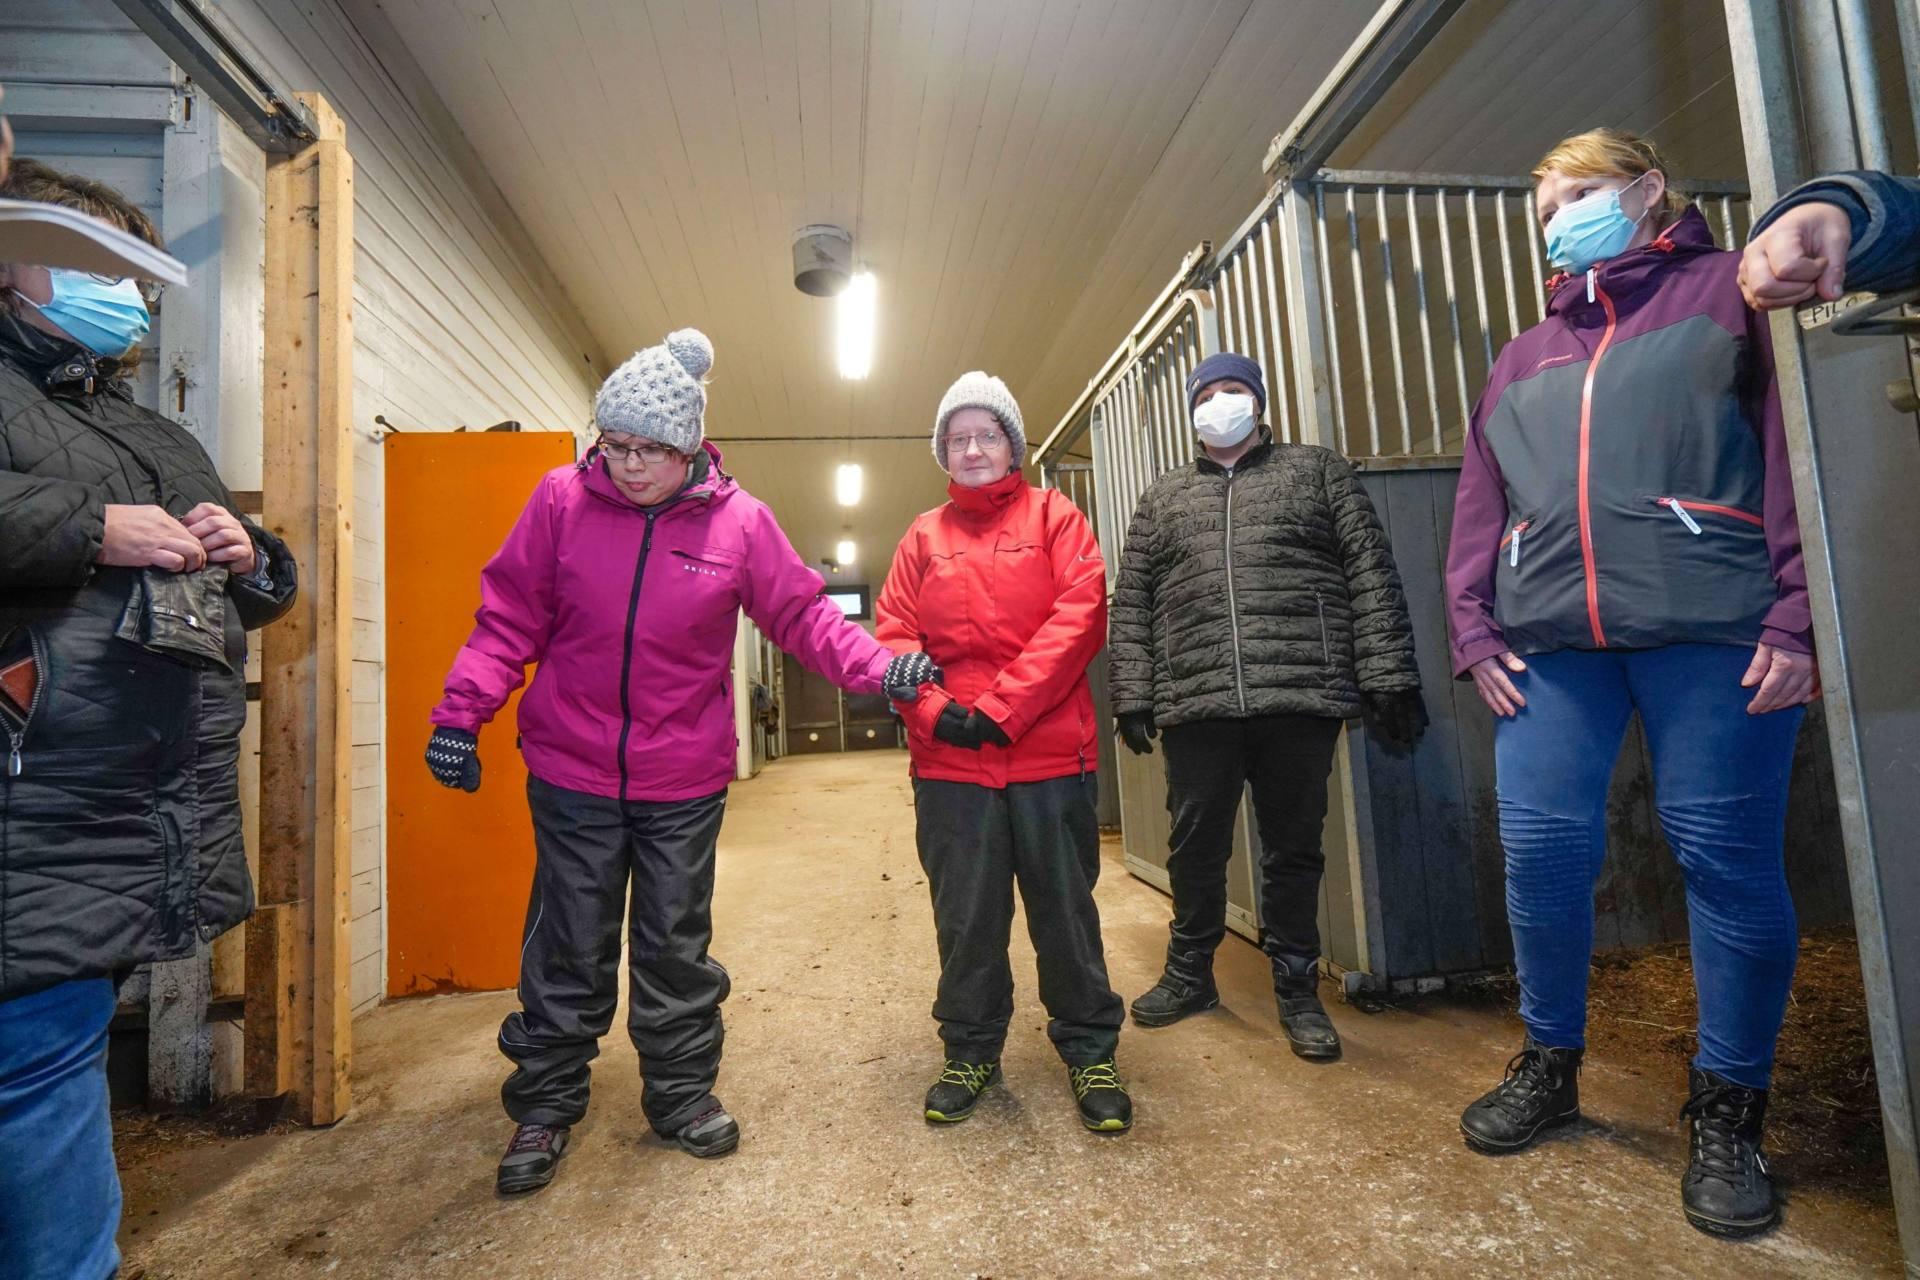 Tallipäivä alkaa. Kuvassa vasemmalla sosiaaliohjaaja Maarit Jansson, Eva-Stina Jansson, Liisa Niemi, Jasmine Pihlaja sekä lähihoitaja Sonja Timonen.